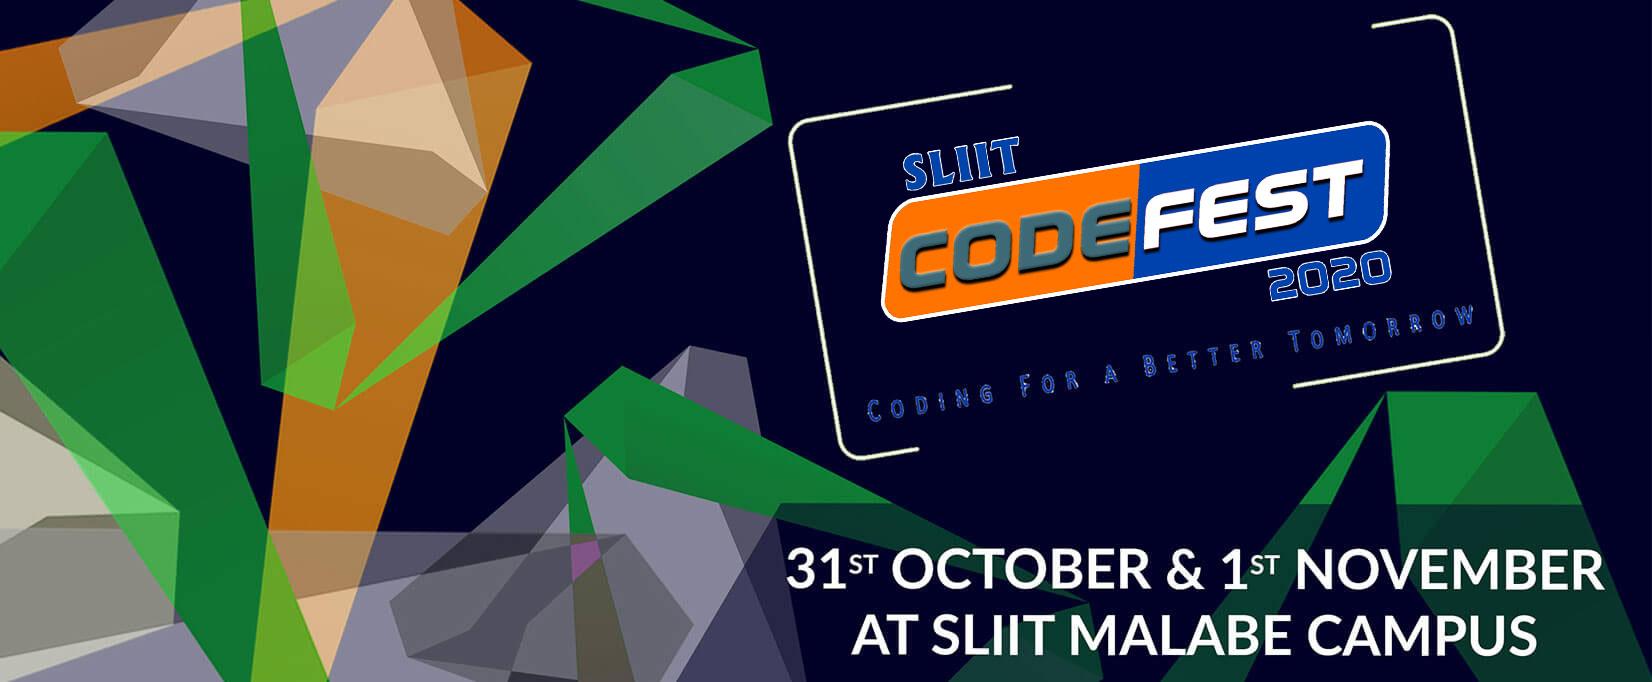 Codfest 2020